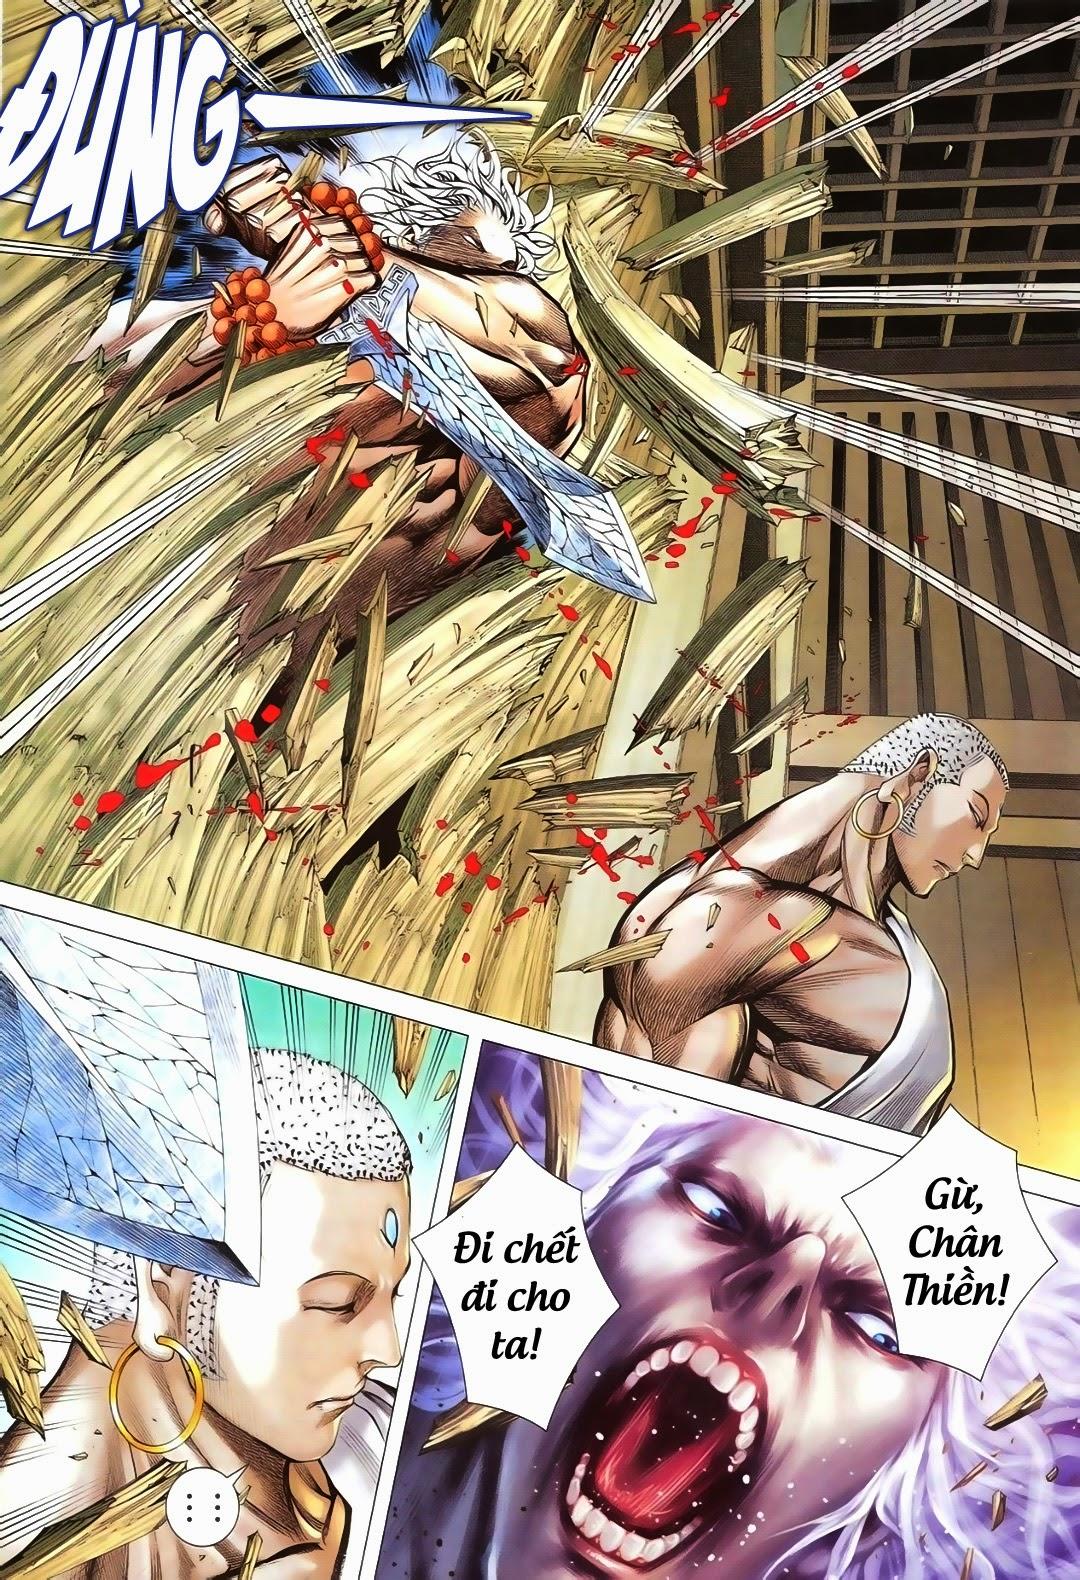 Phong Thần Ký chap 181 - Trang 17